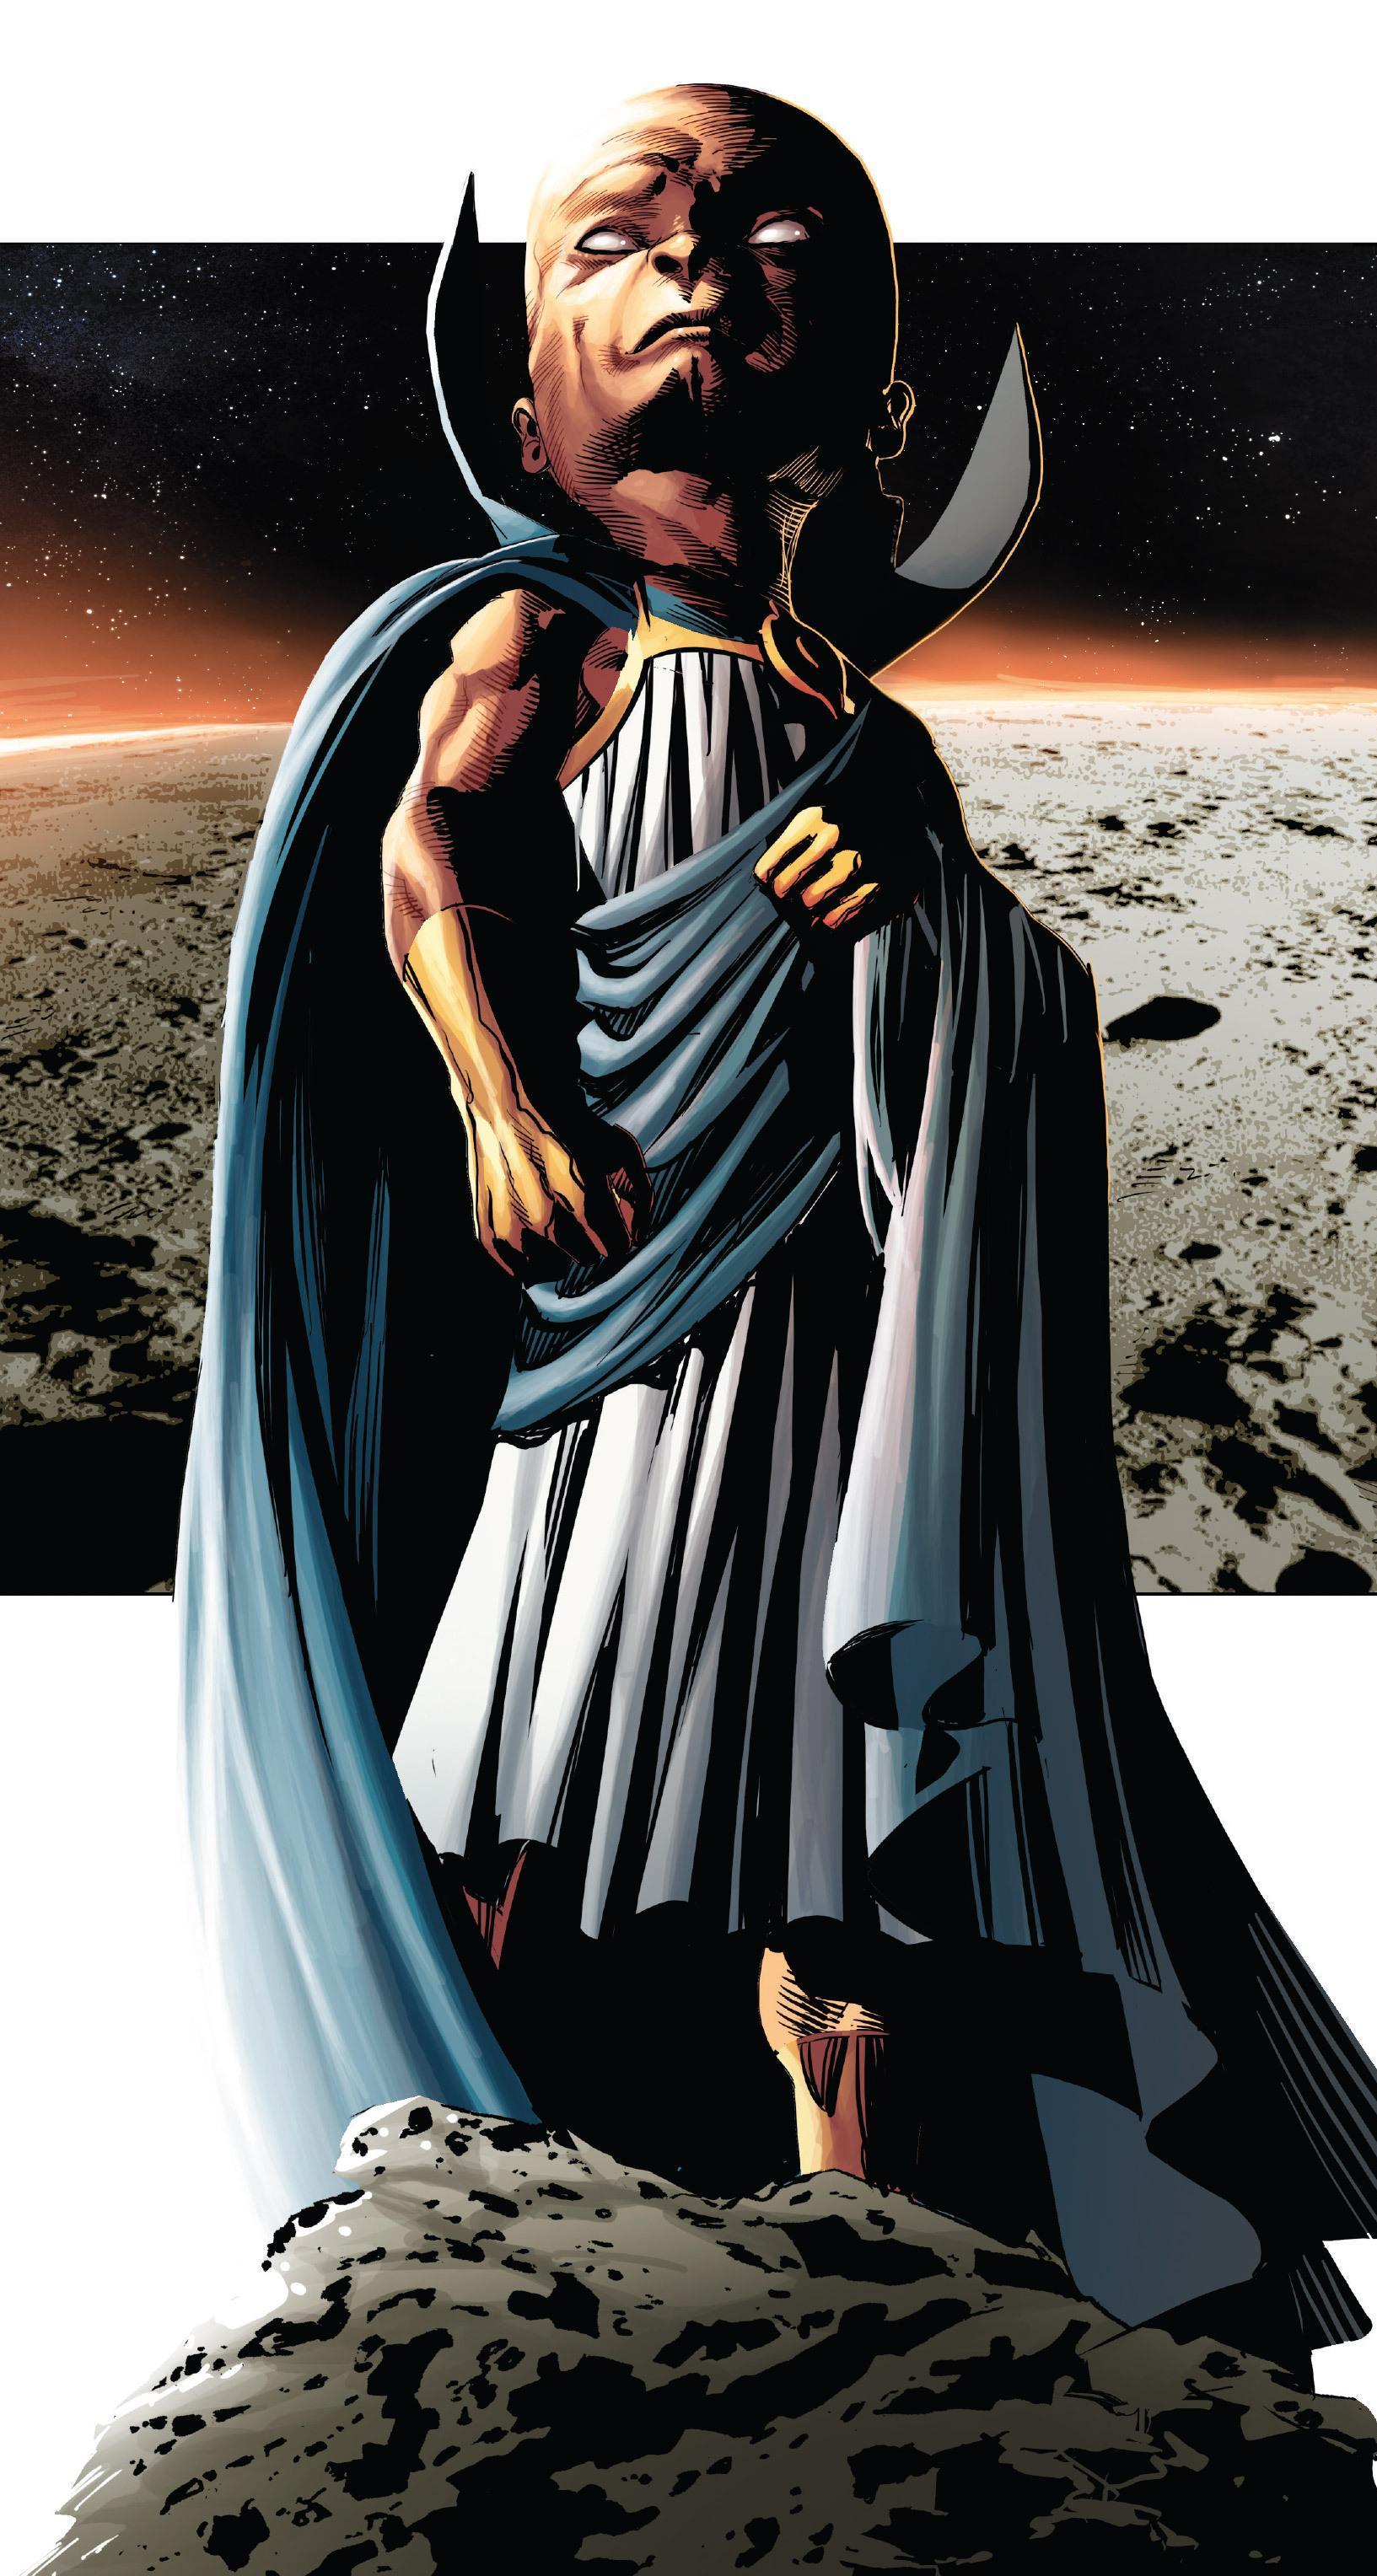 Earth 616 Deadpool Uatu Earth-616 From Original